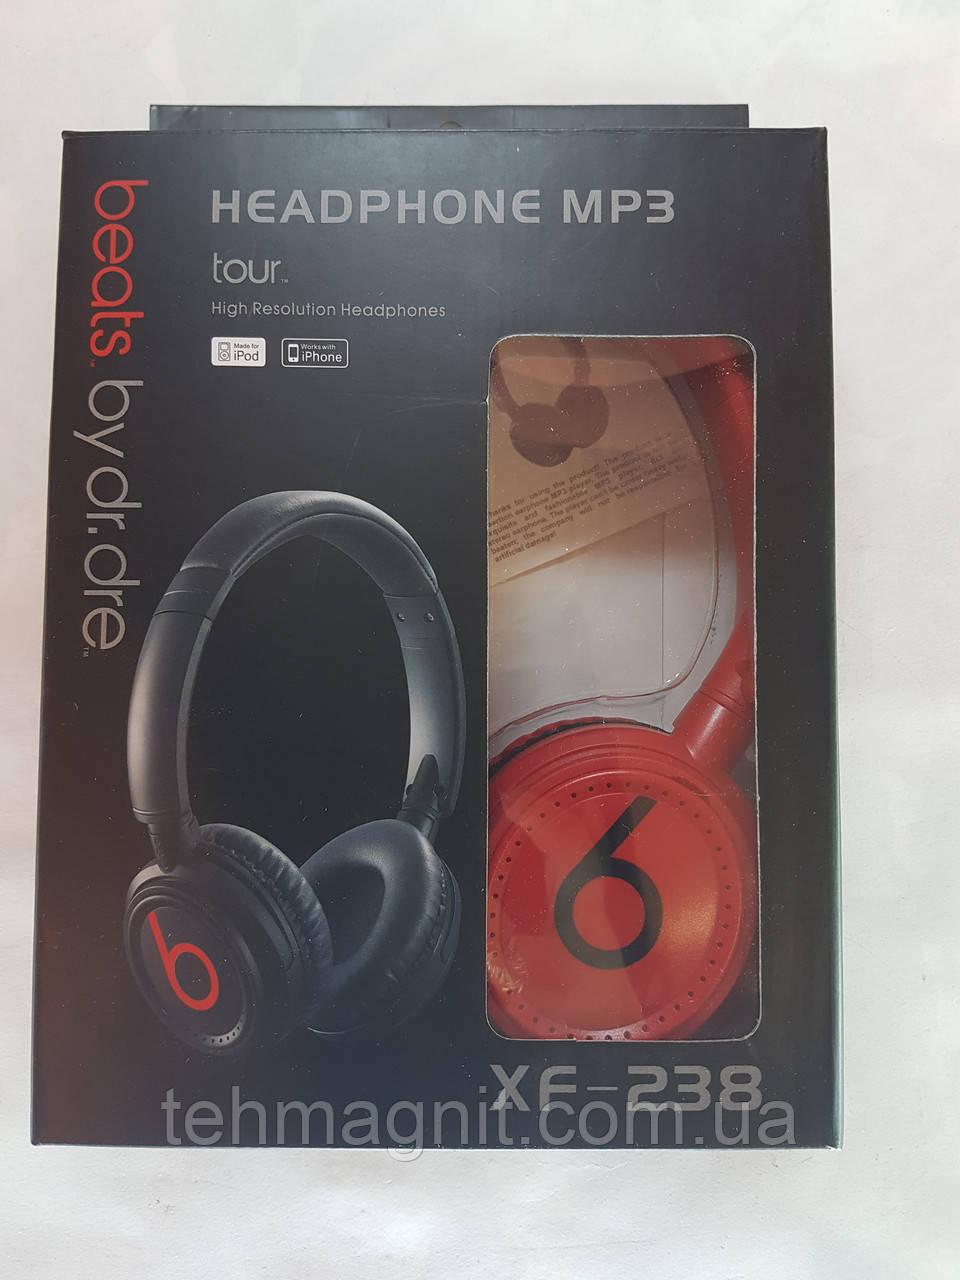 ... Беспроводные наушники с встроенным MP3 Monster Beats XF-238 by Dr. Dre  7 ... 52d64358cc15e